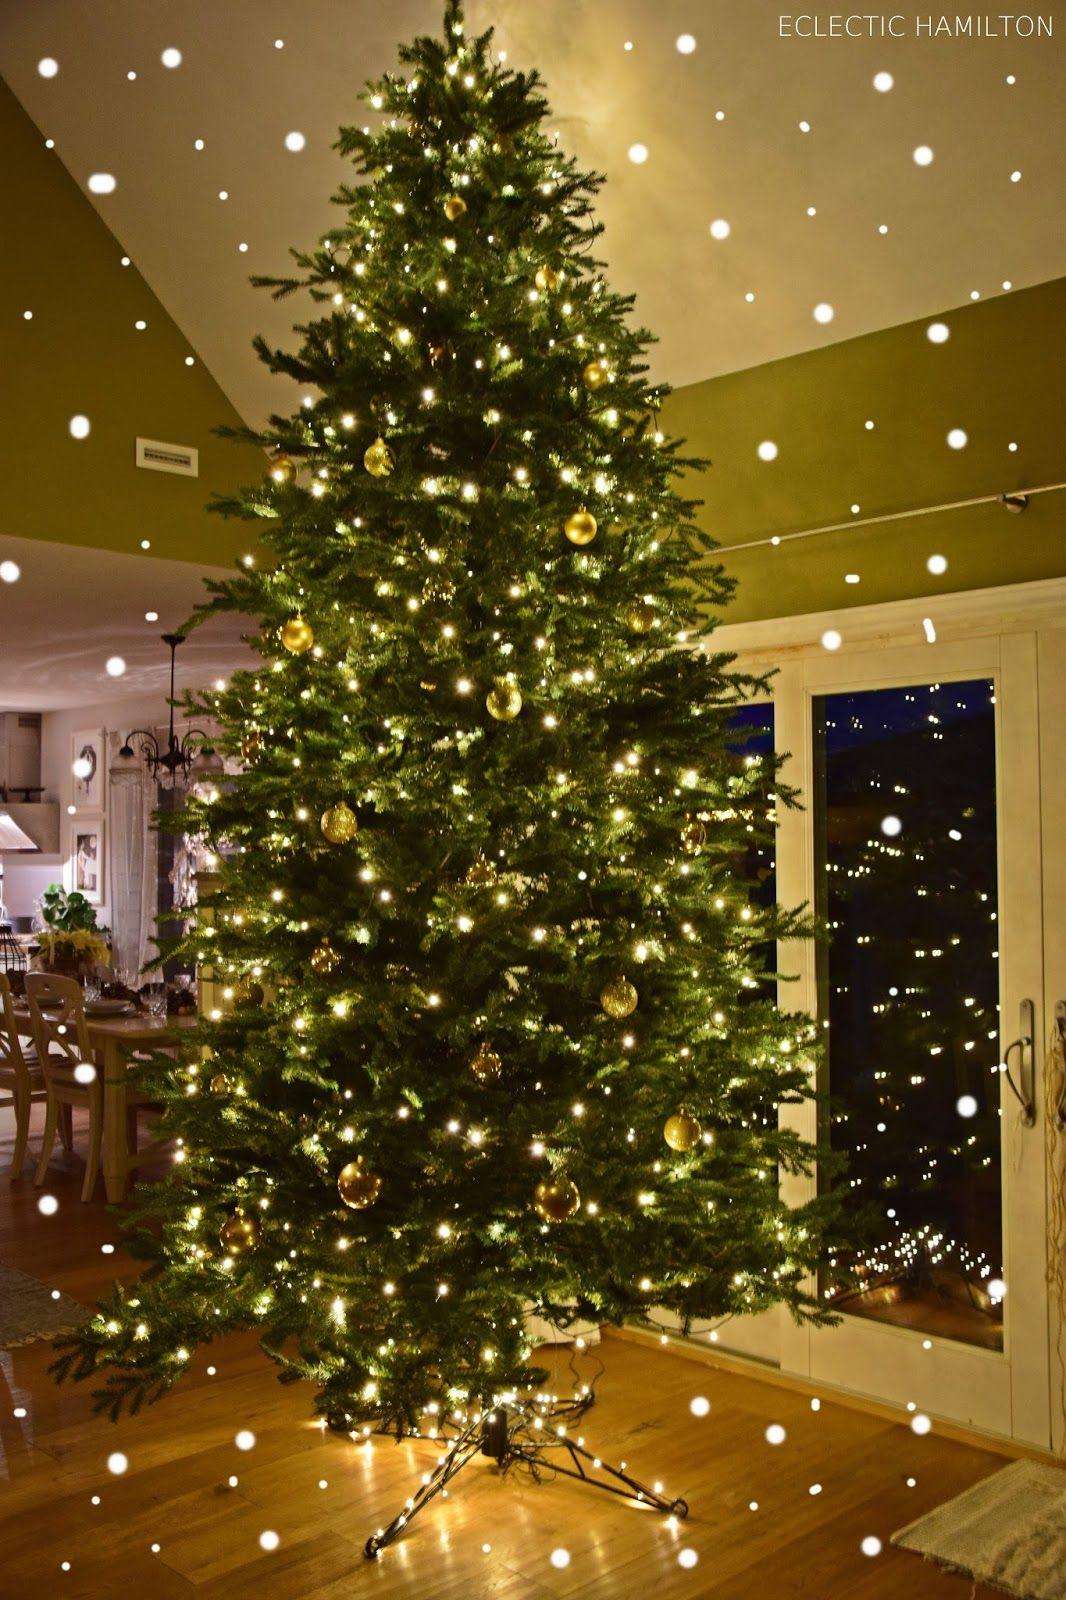 Endlich 4 meter golden glitzernder weihnachtsbaum mein blog eclectic hamilton dekoideen - Dekoideen weihnachtsbaum ...